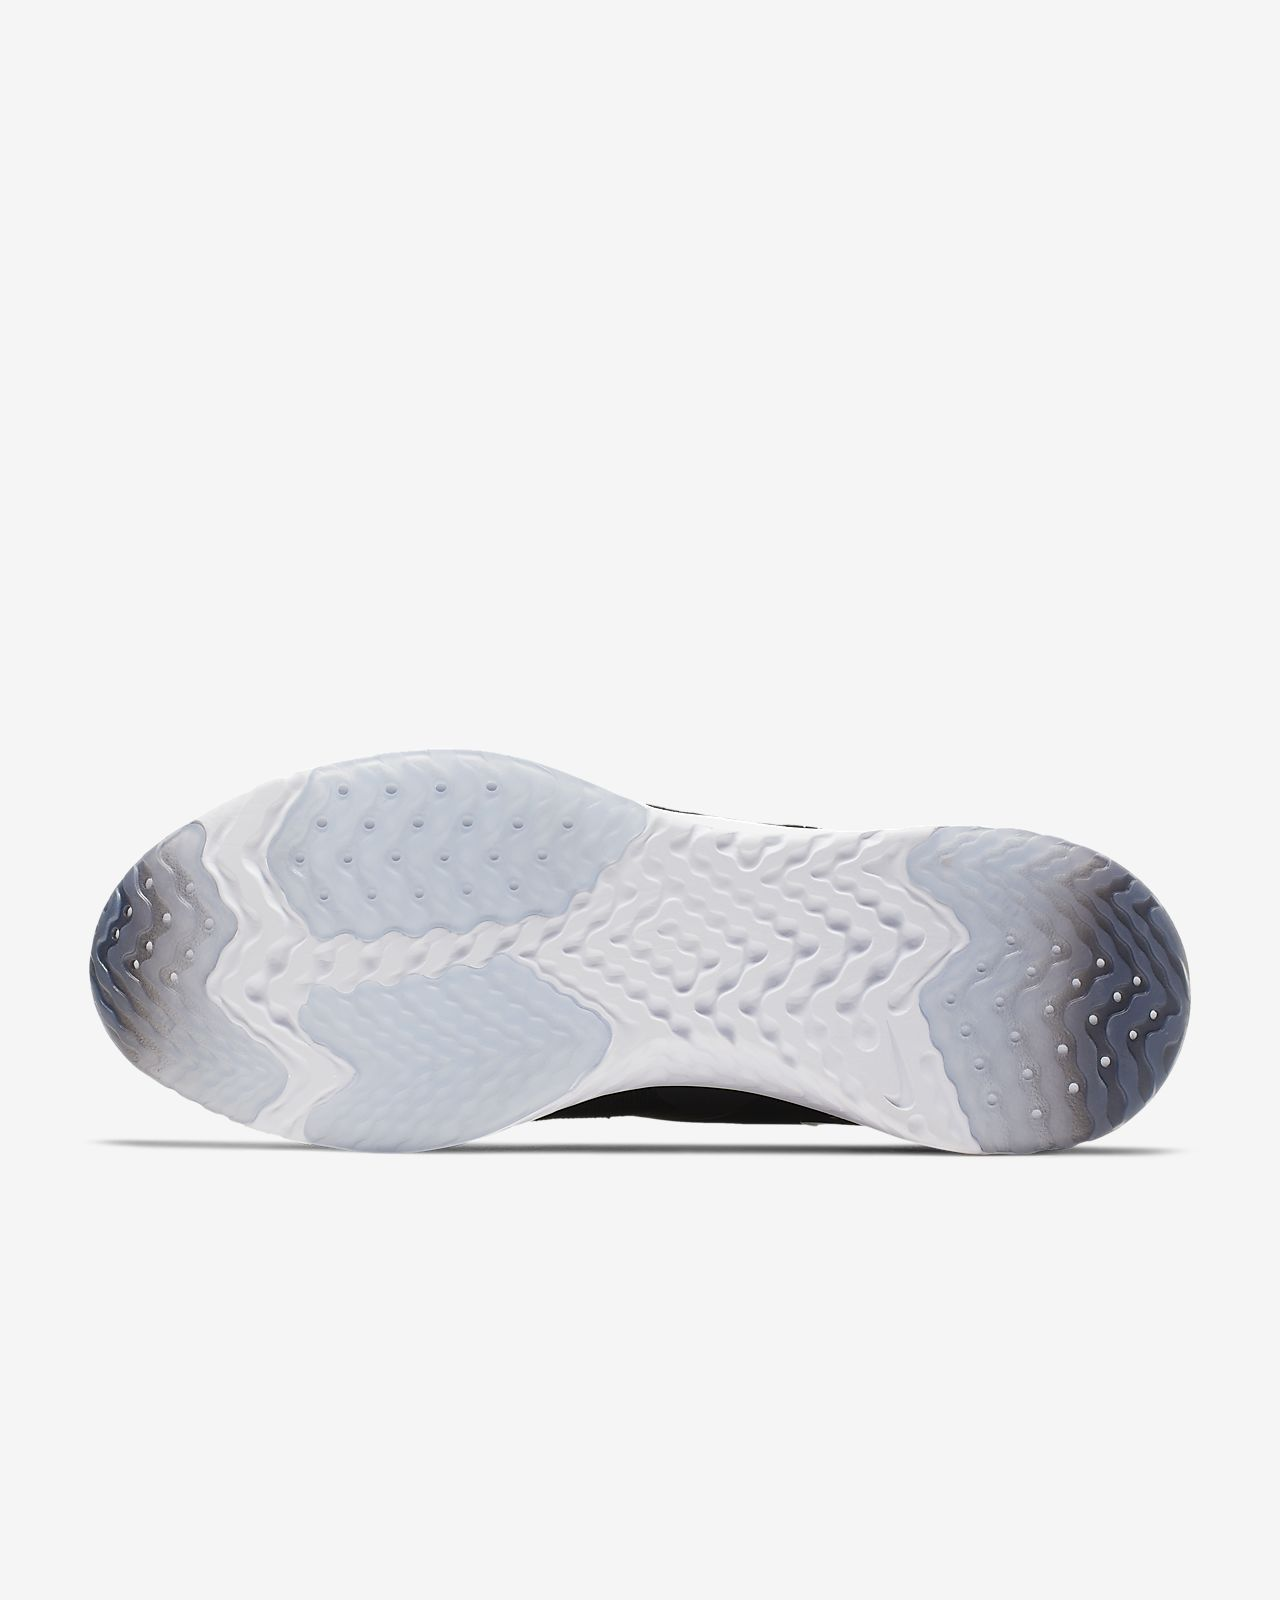 275980279e1b0 Nike Odyssey React Flyknit 2 Men s Graphic Running Shoe. Nike.com